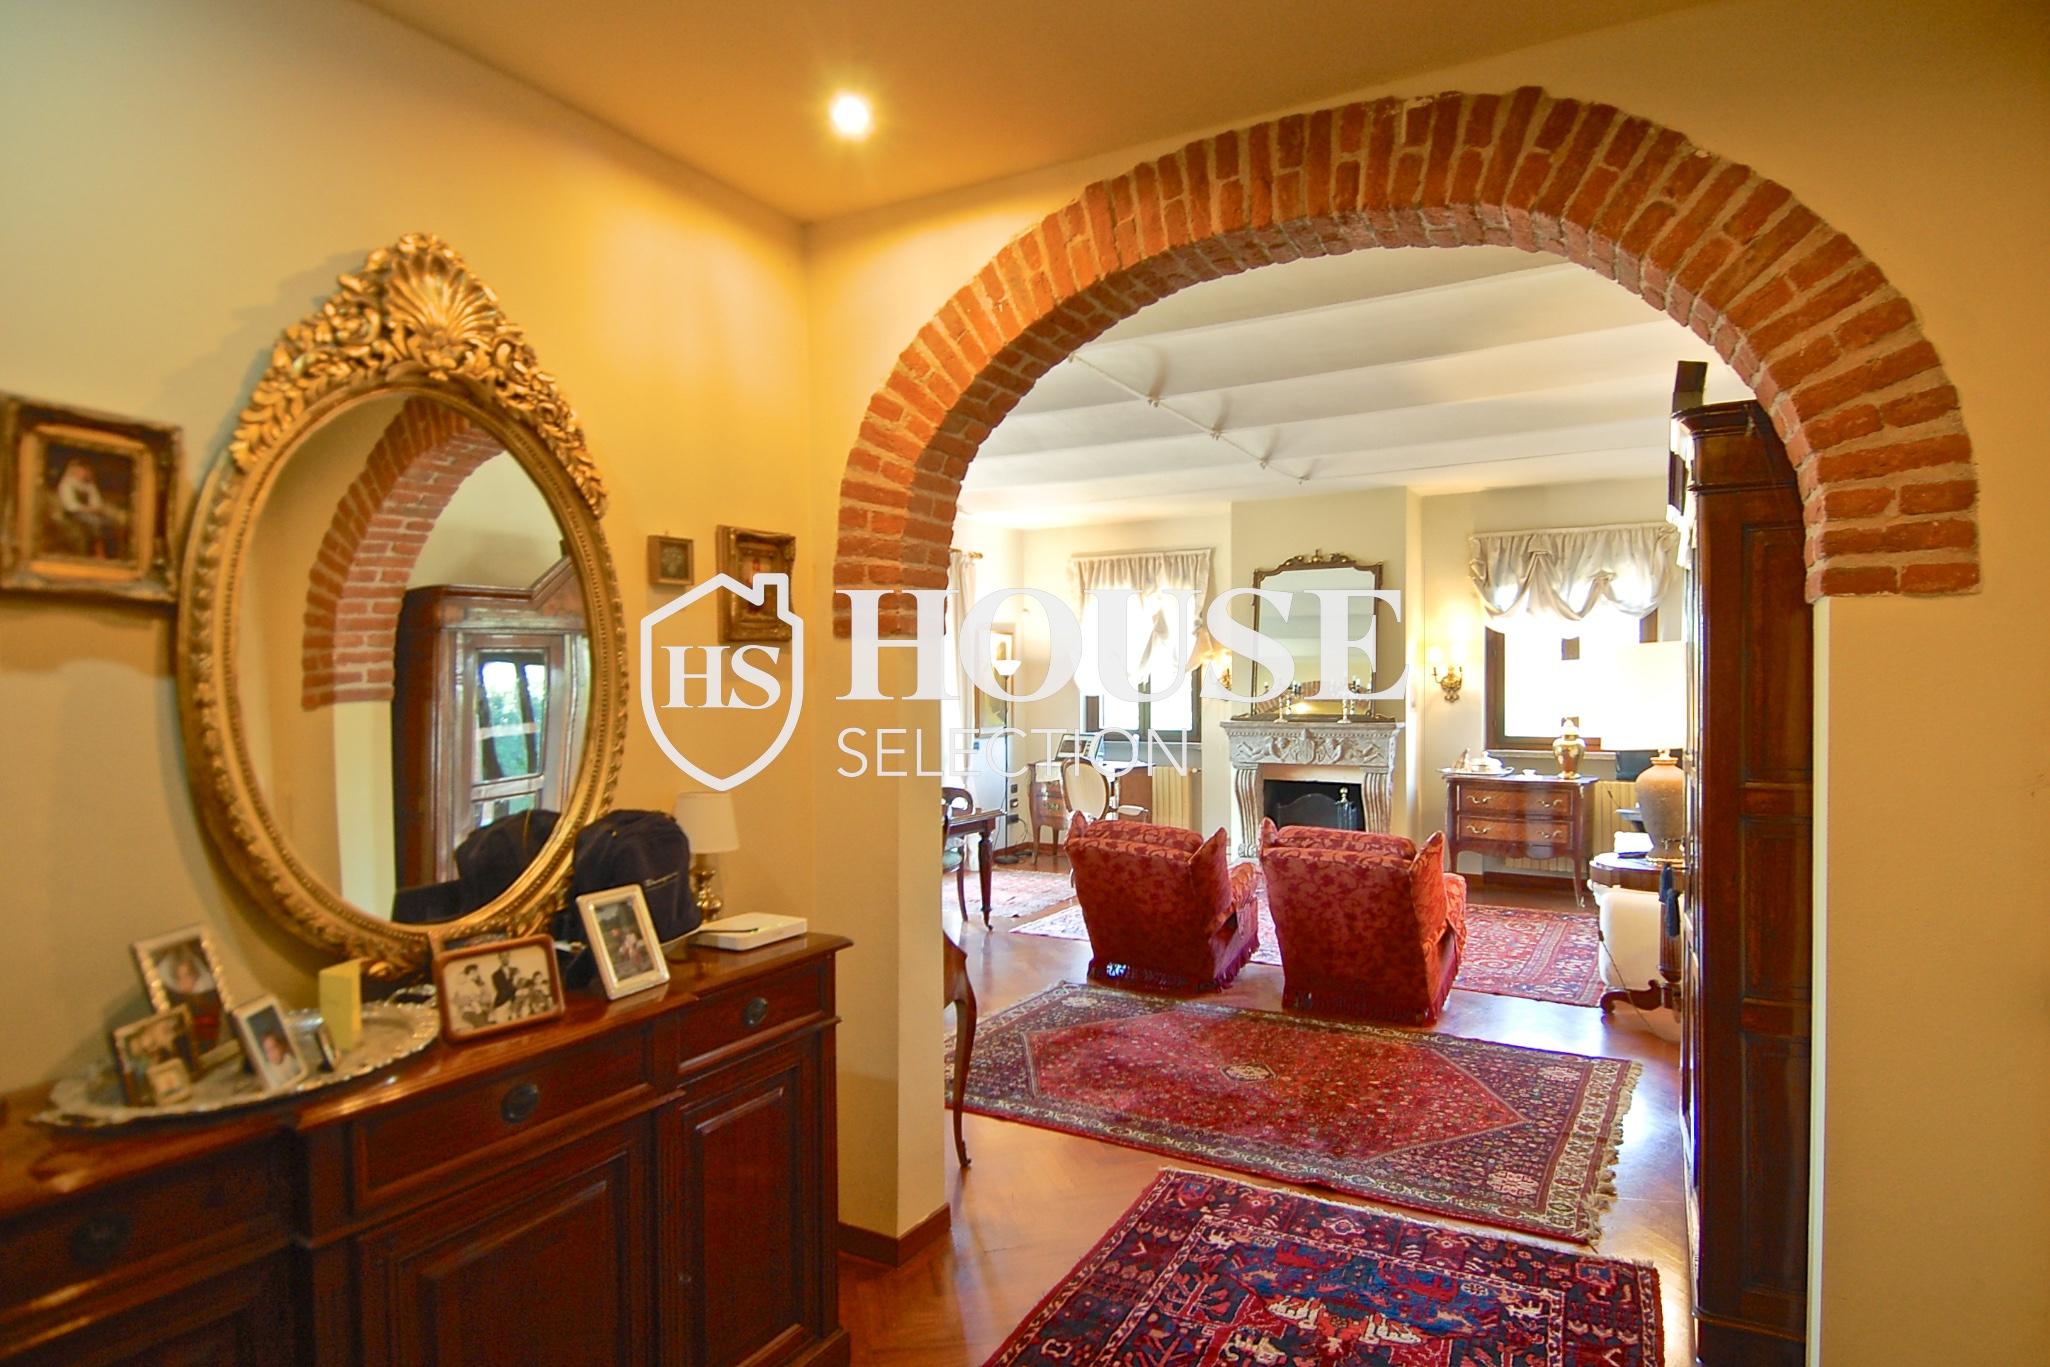 Affitto villa Basiglio, con giardino, ristrutturata, aria condizionata, corte interna, box auto, Milano 13